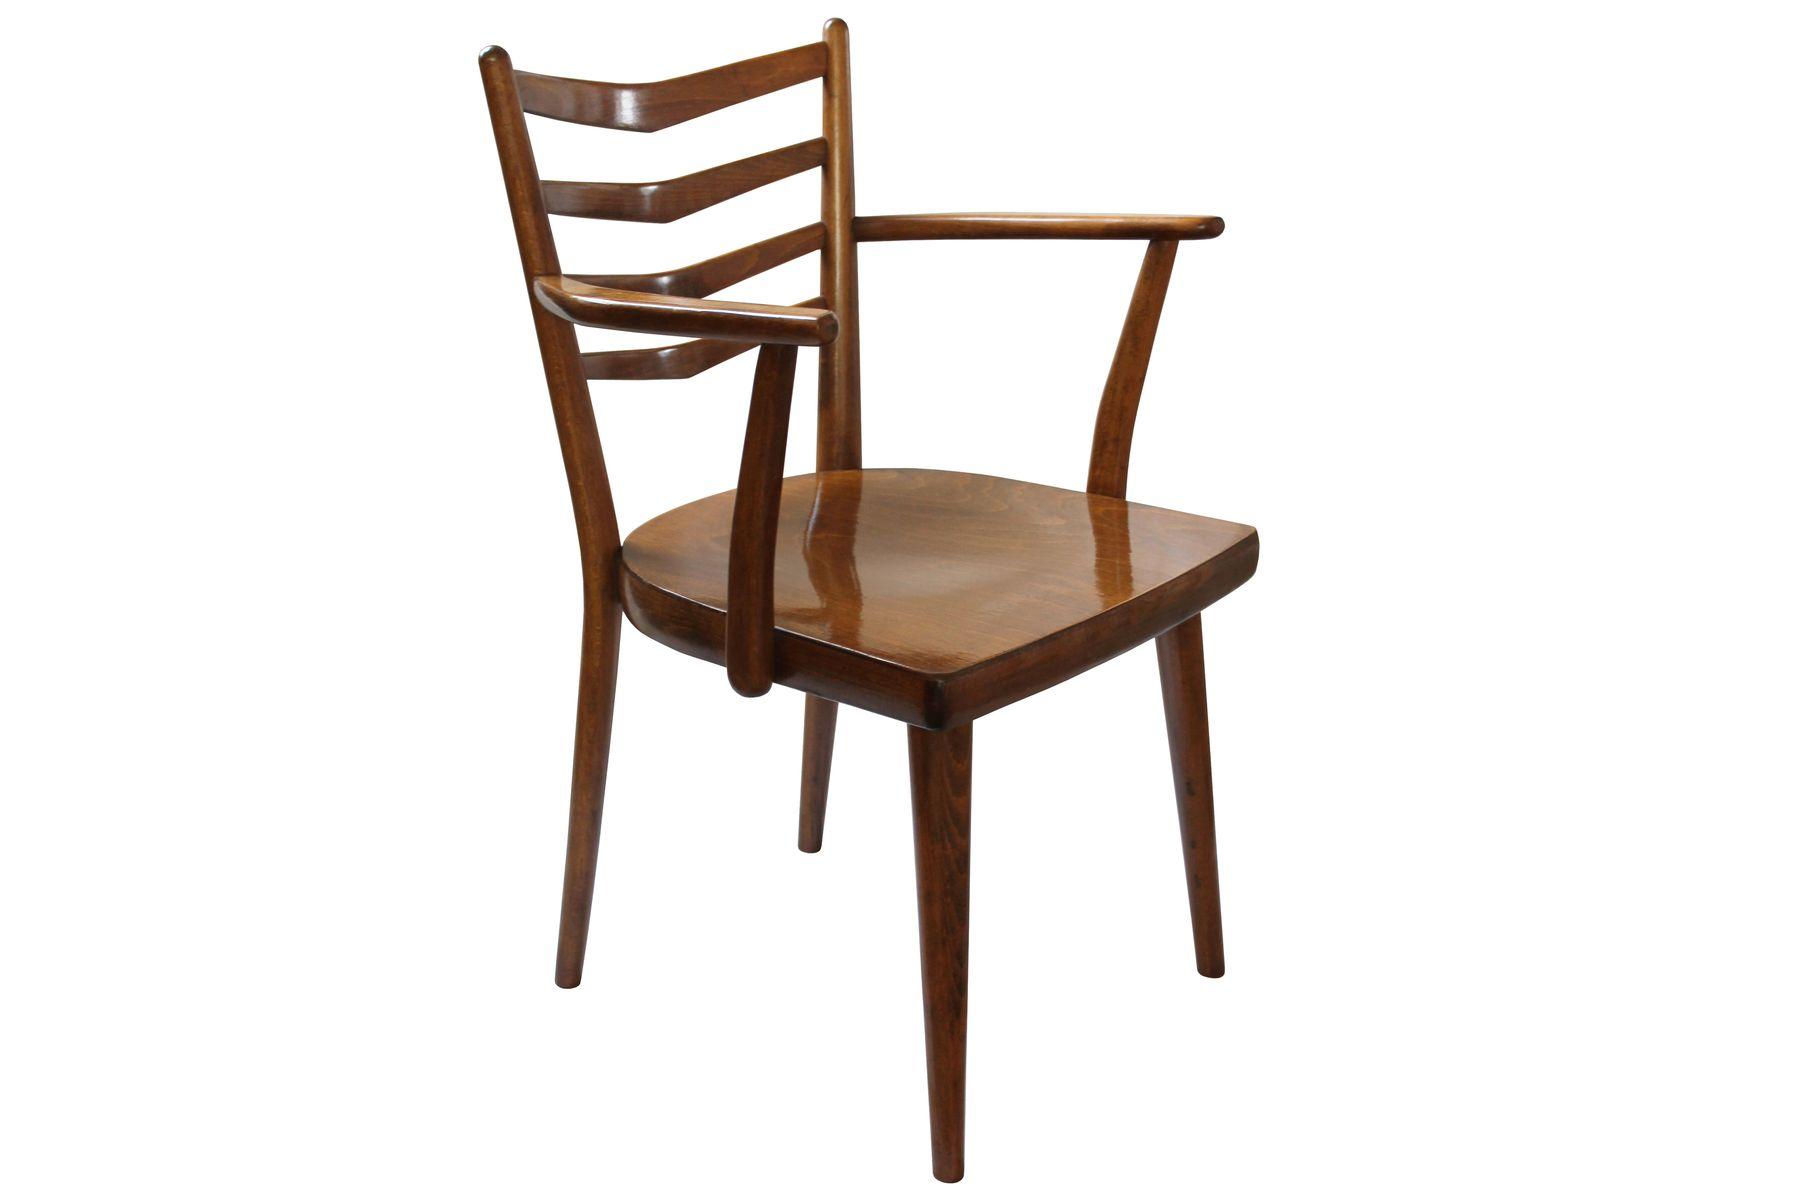 esszimmerst hle mit armlehnen von ton 1962 2er set bei pamono kaufen. Black Bedroom Furniture Sets. Home Design Ideas